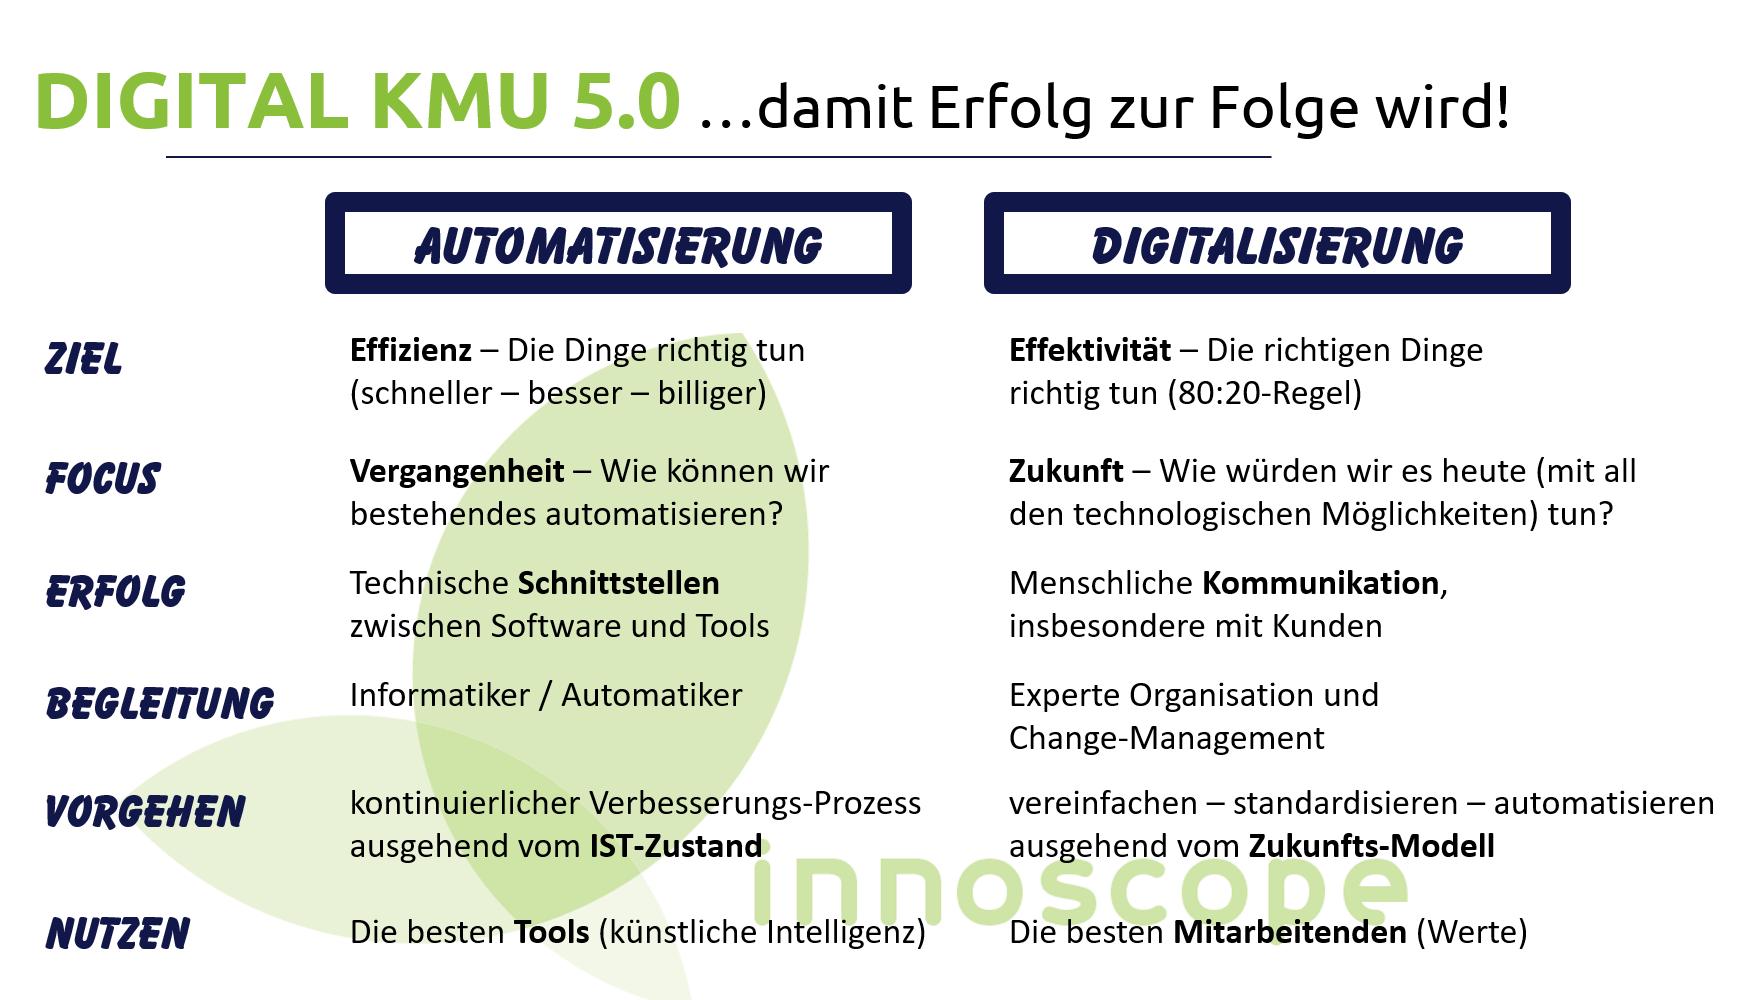 Digitalisierung vs. Automatisierung